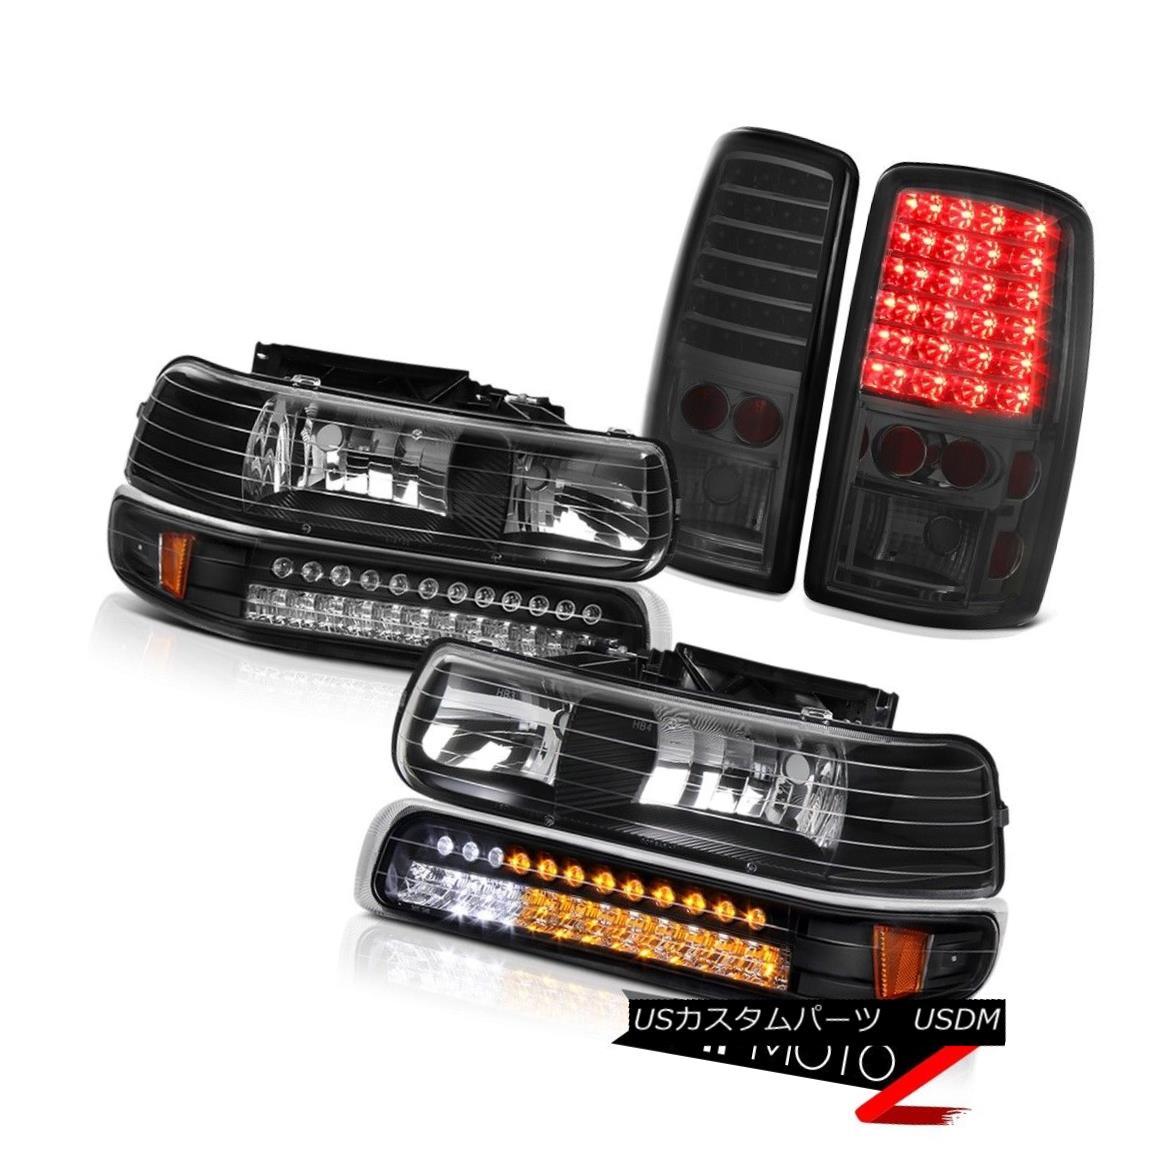 ヘッドライト 00-06 Suburban 1500 Black LED Parking Headlights